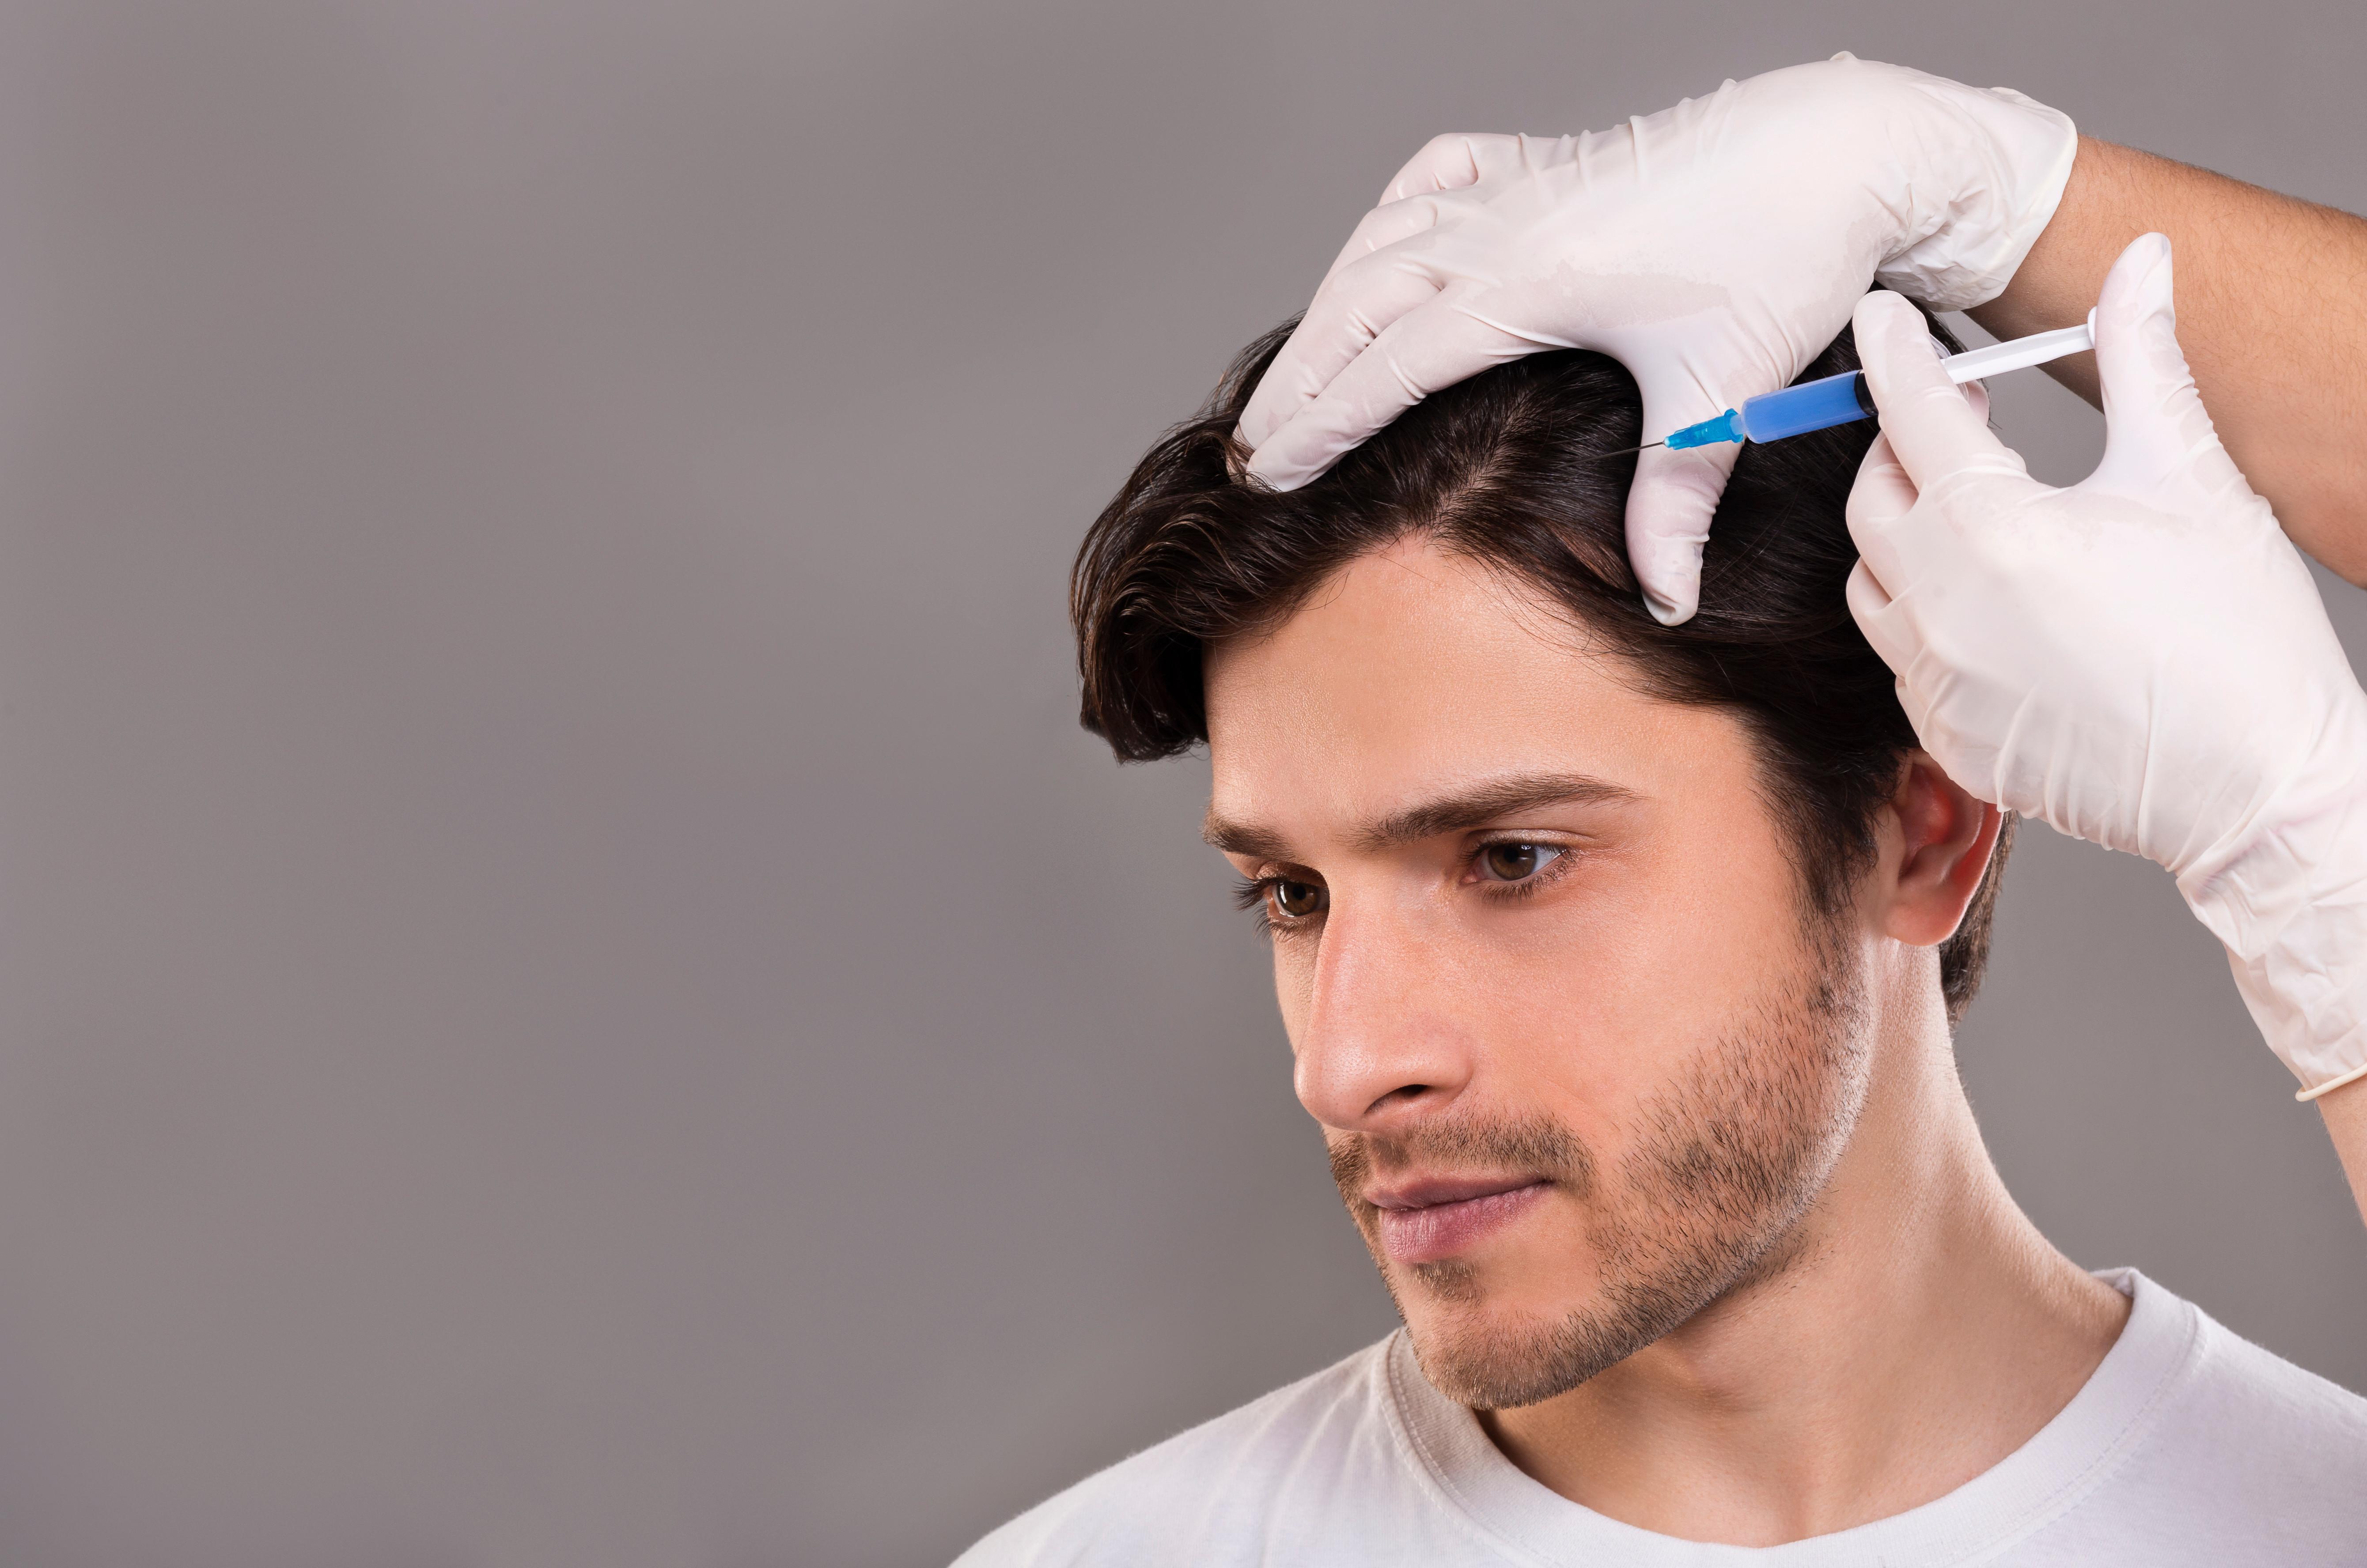 PRP-Therapie gegen Haarausfall